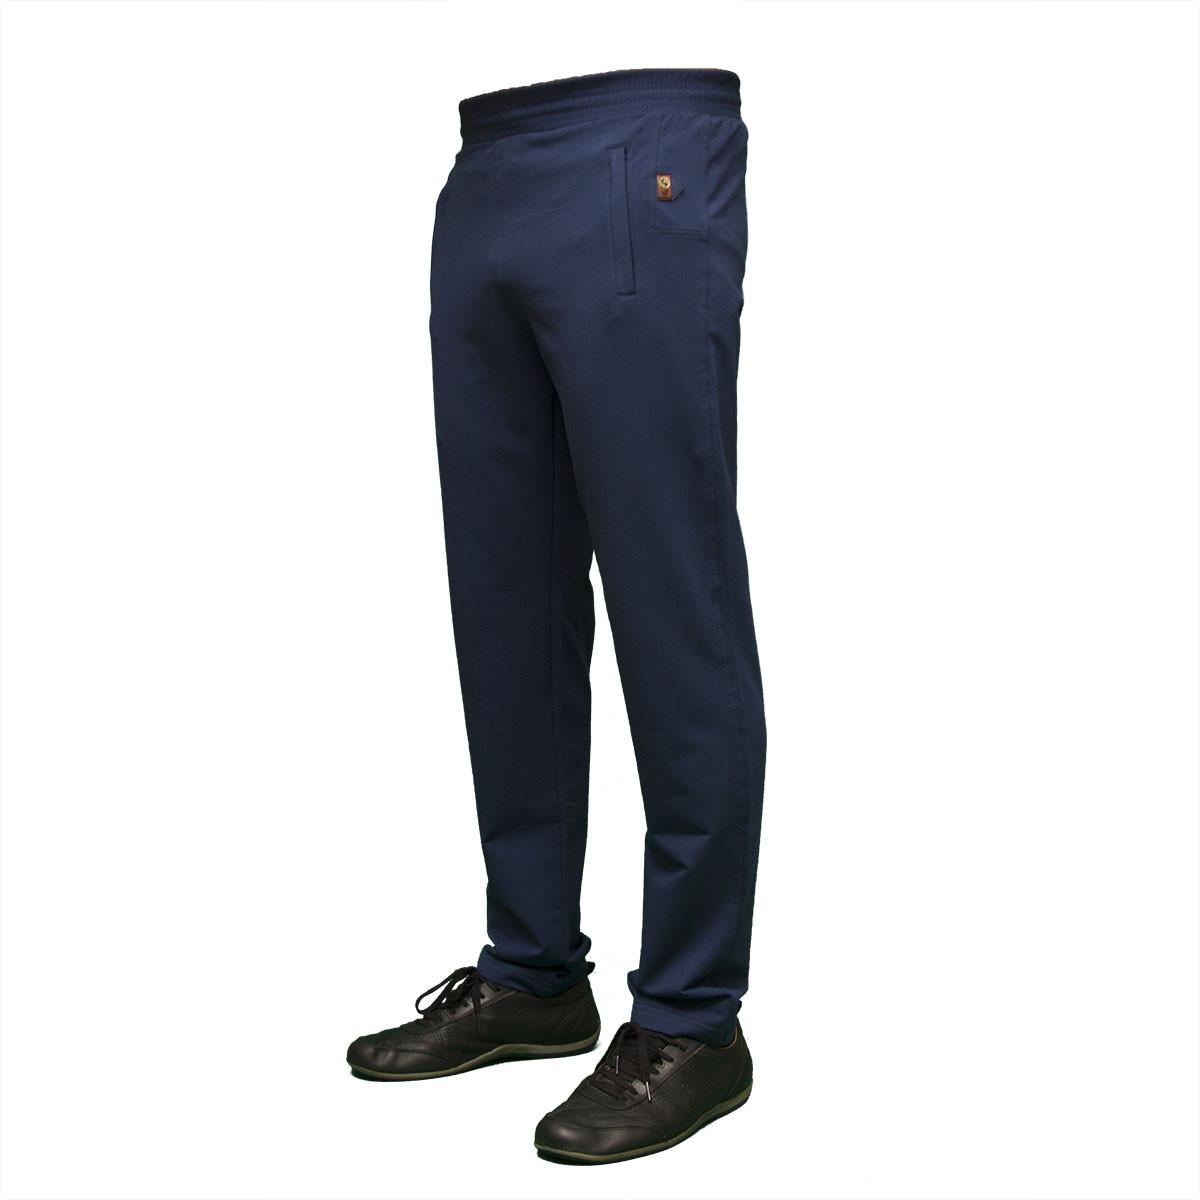 Турецкие зауженные спортивные брюки  тм. FORE  9303